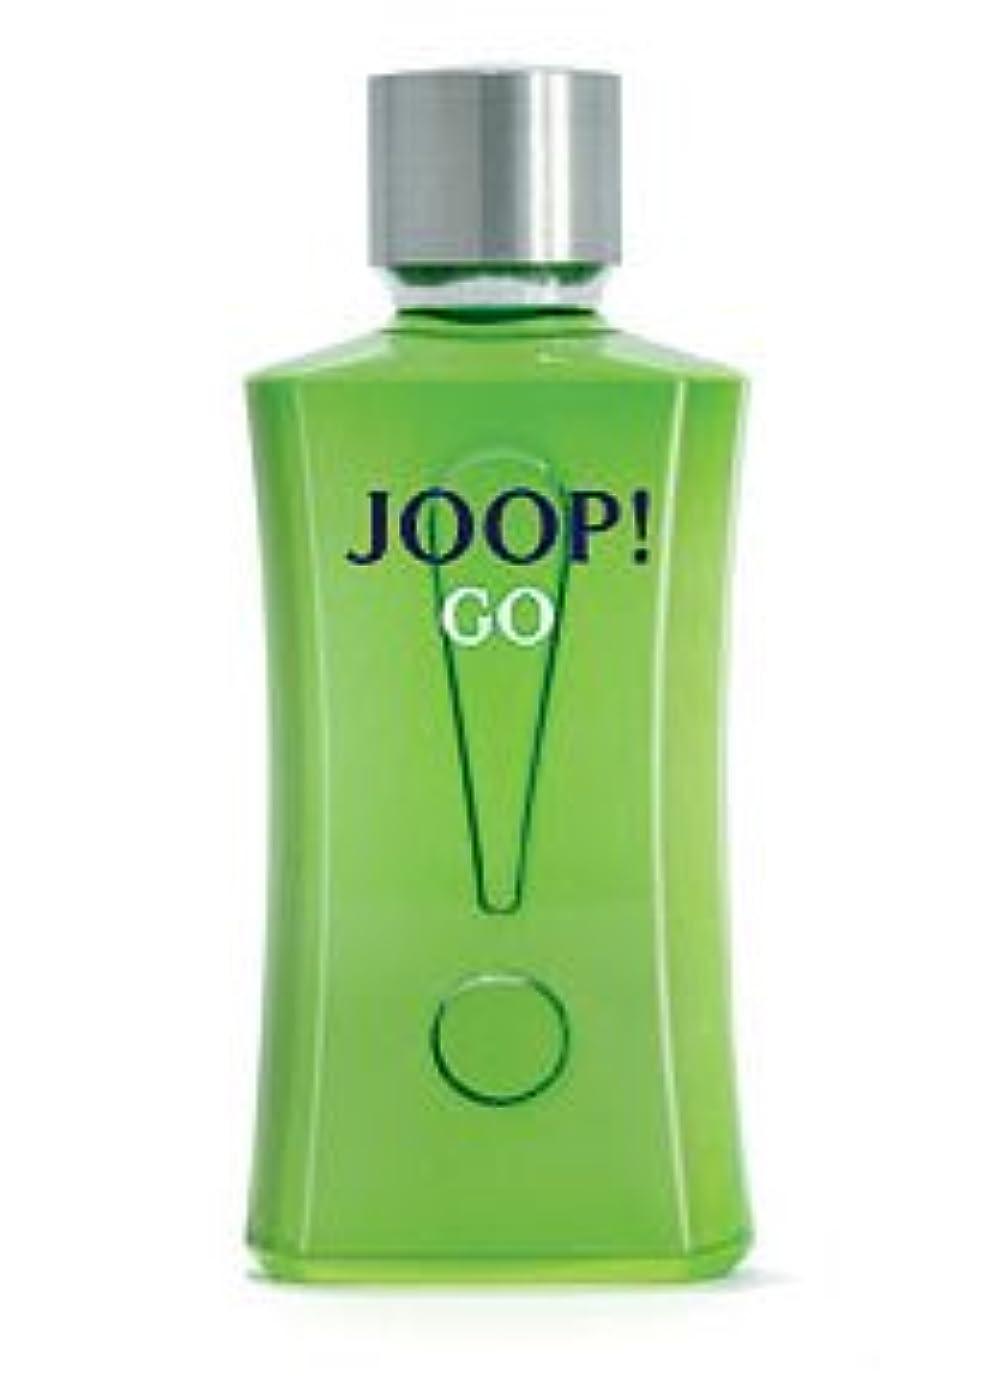 エンジニア通行人無実Joop! Go (ジョープ ゴー) 1.7 oz (50ml) EDT Spray for men